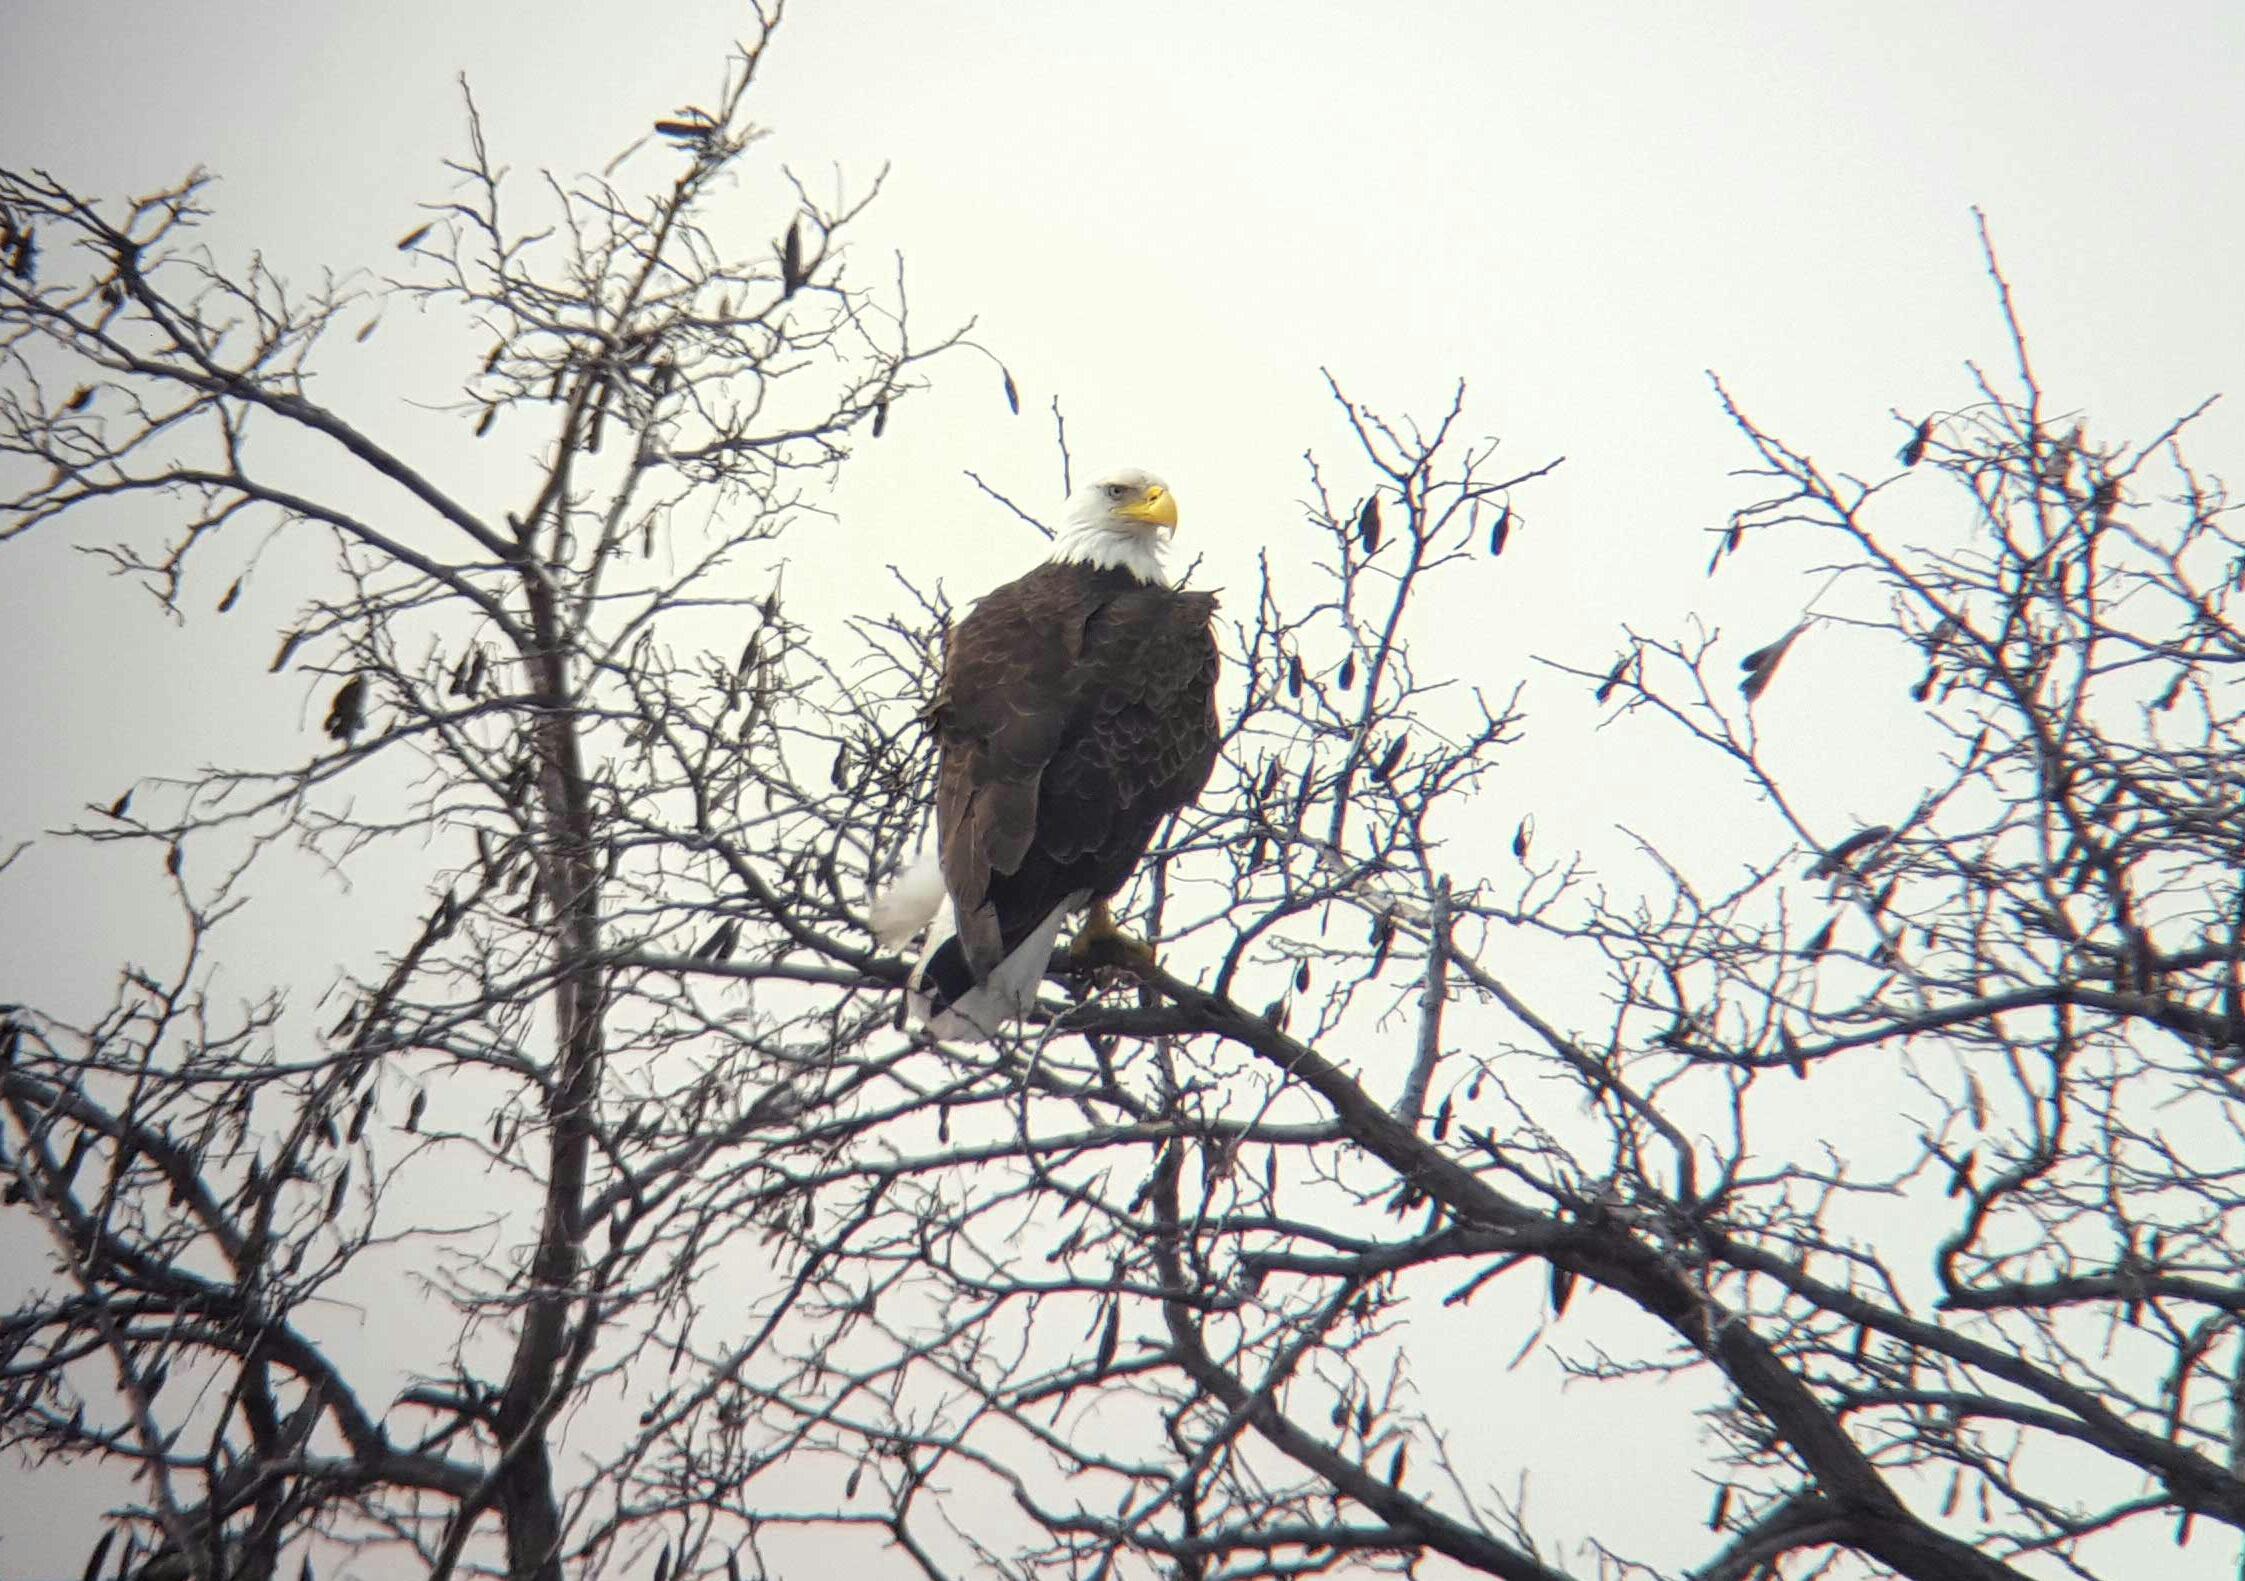 Takacs Eagle Transco 3.23.16